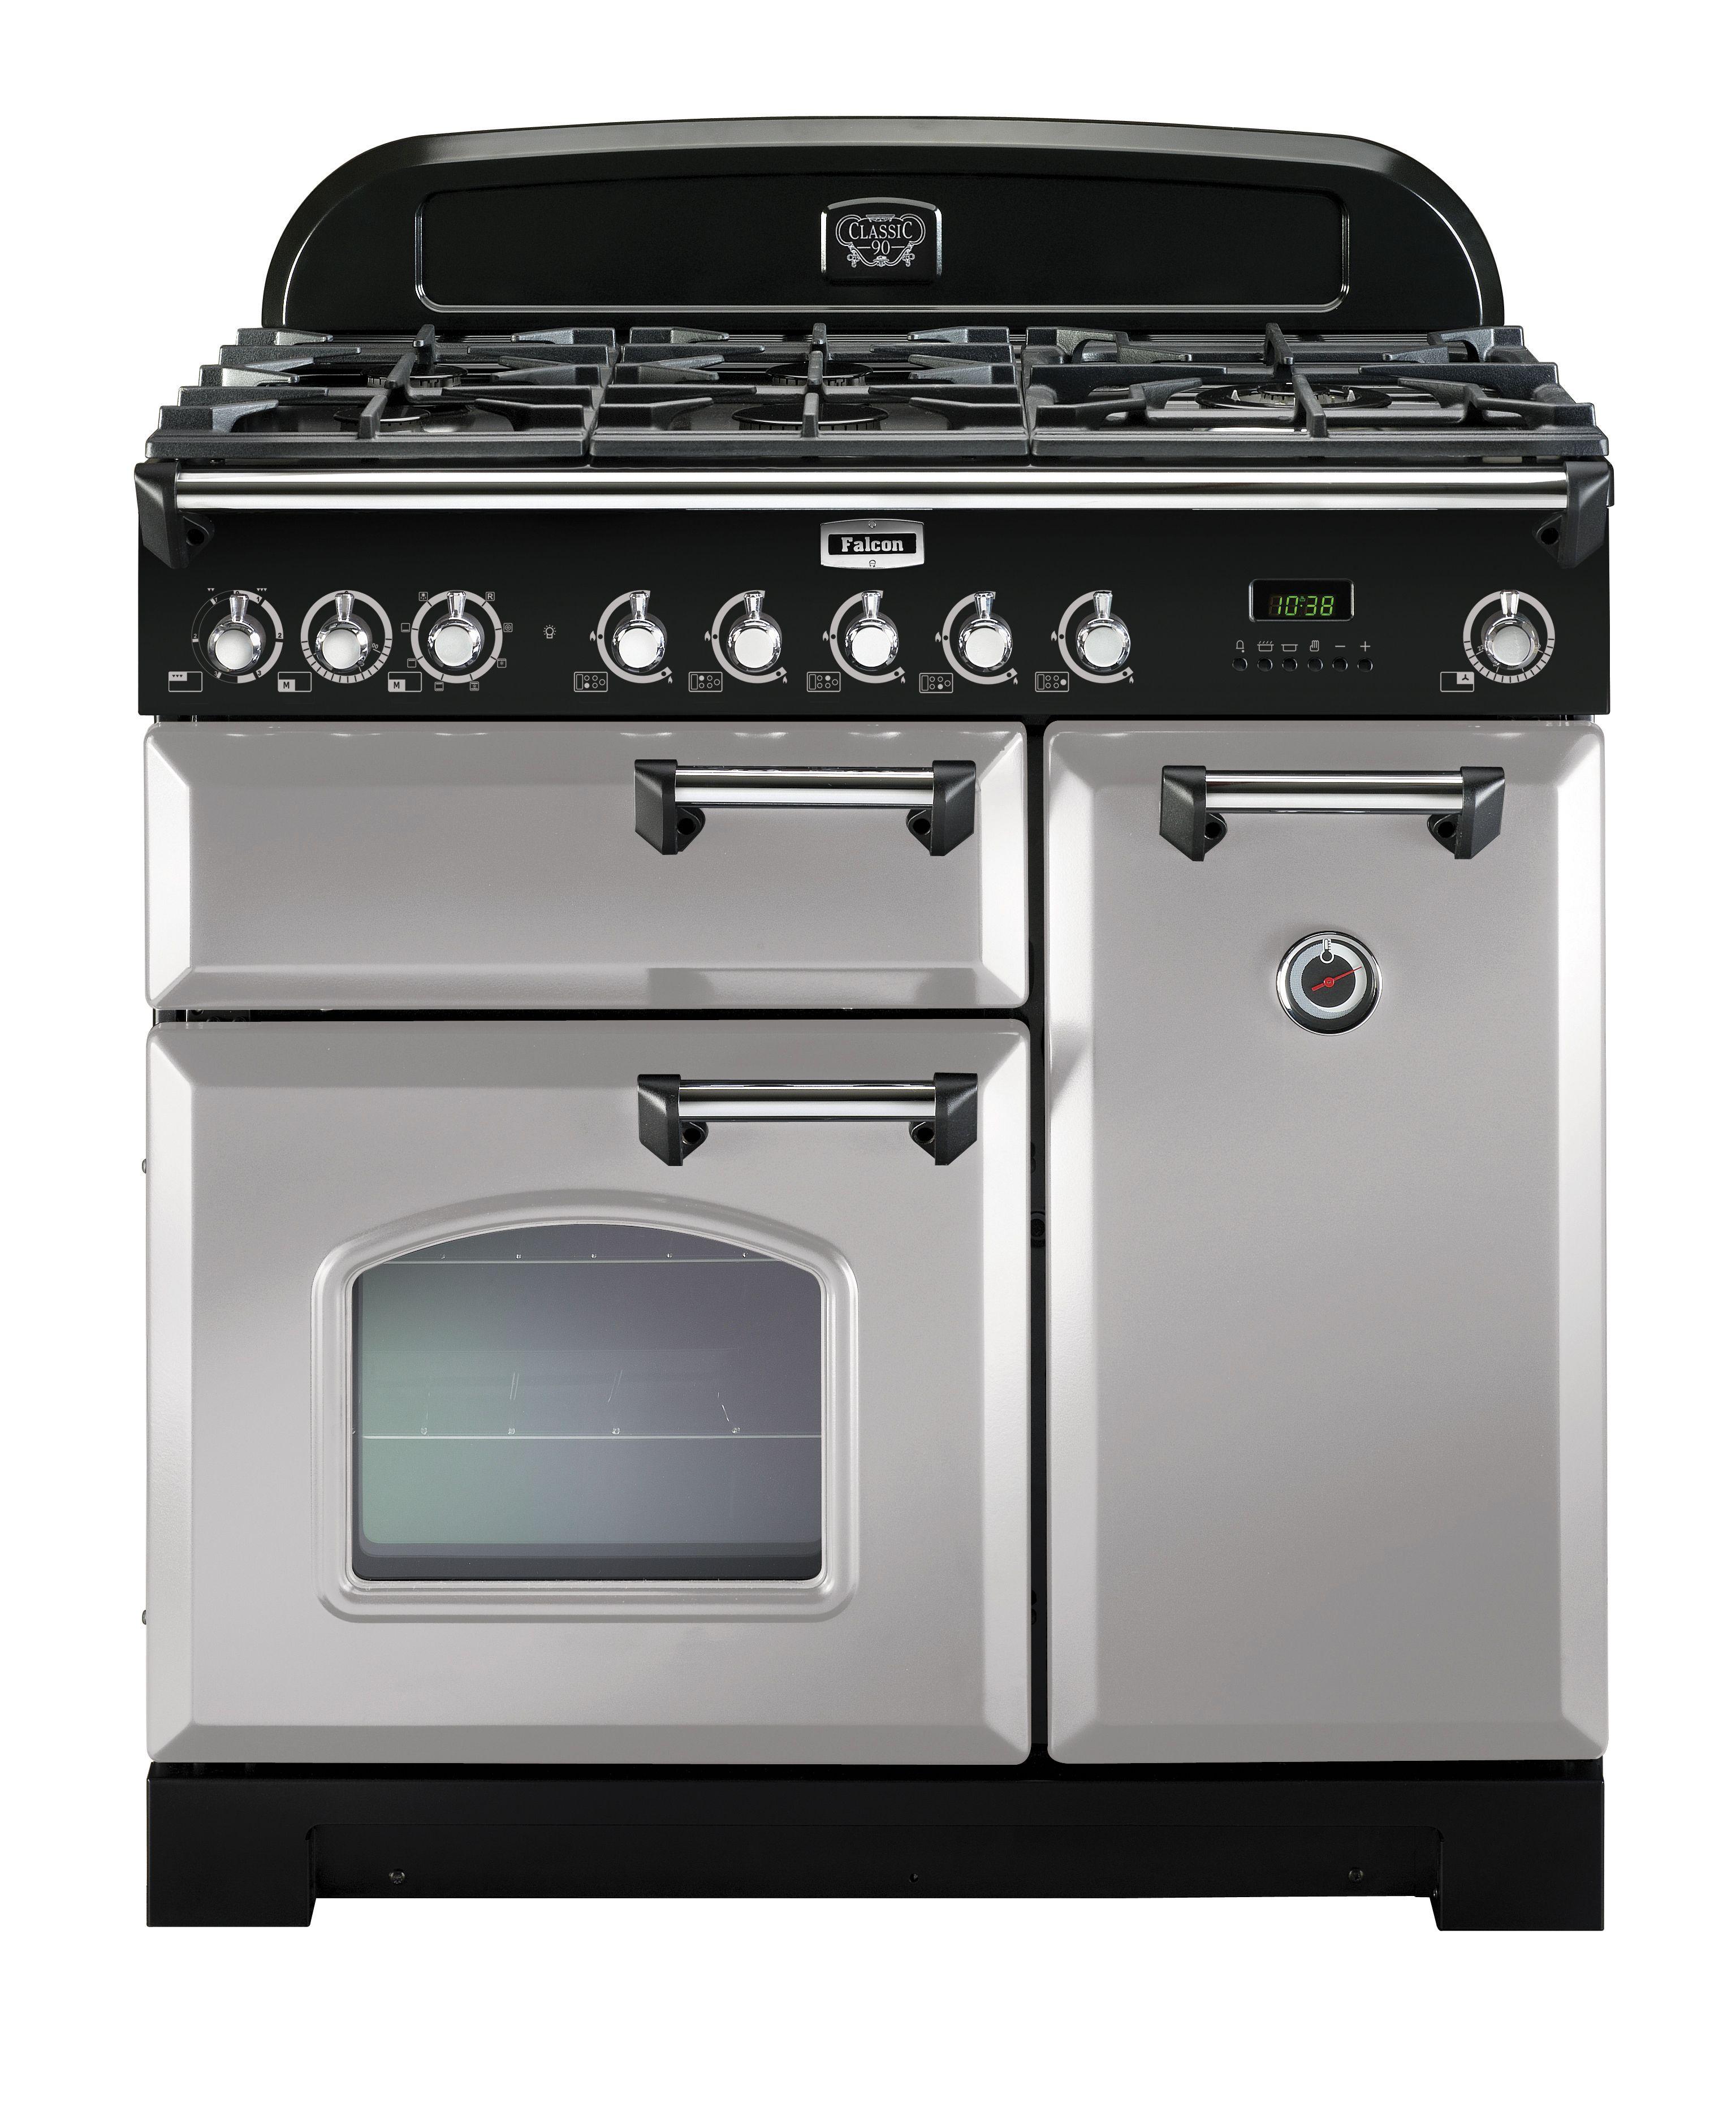 CLASSIC DELUXE 90CM UPRIGHT COOKER Royal Pearl #falcon #falconaustralia  #kitchen #oven #